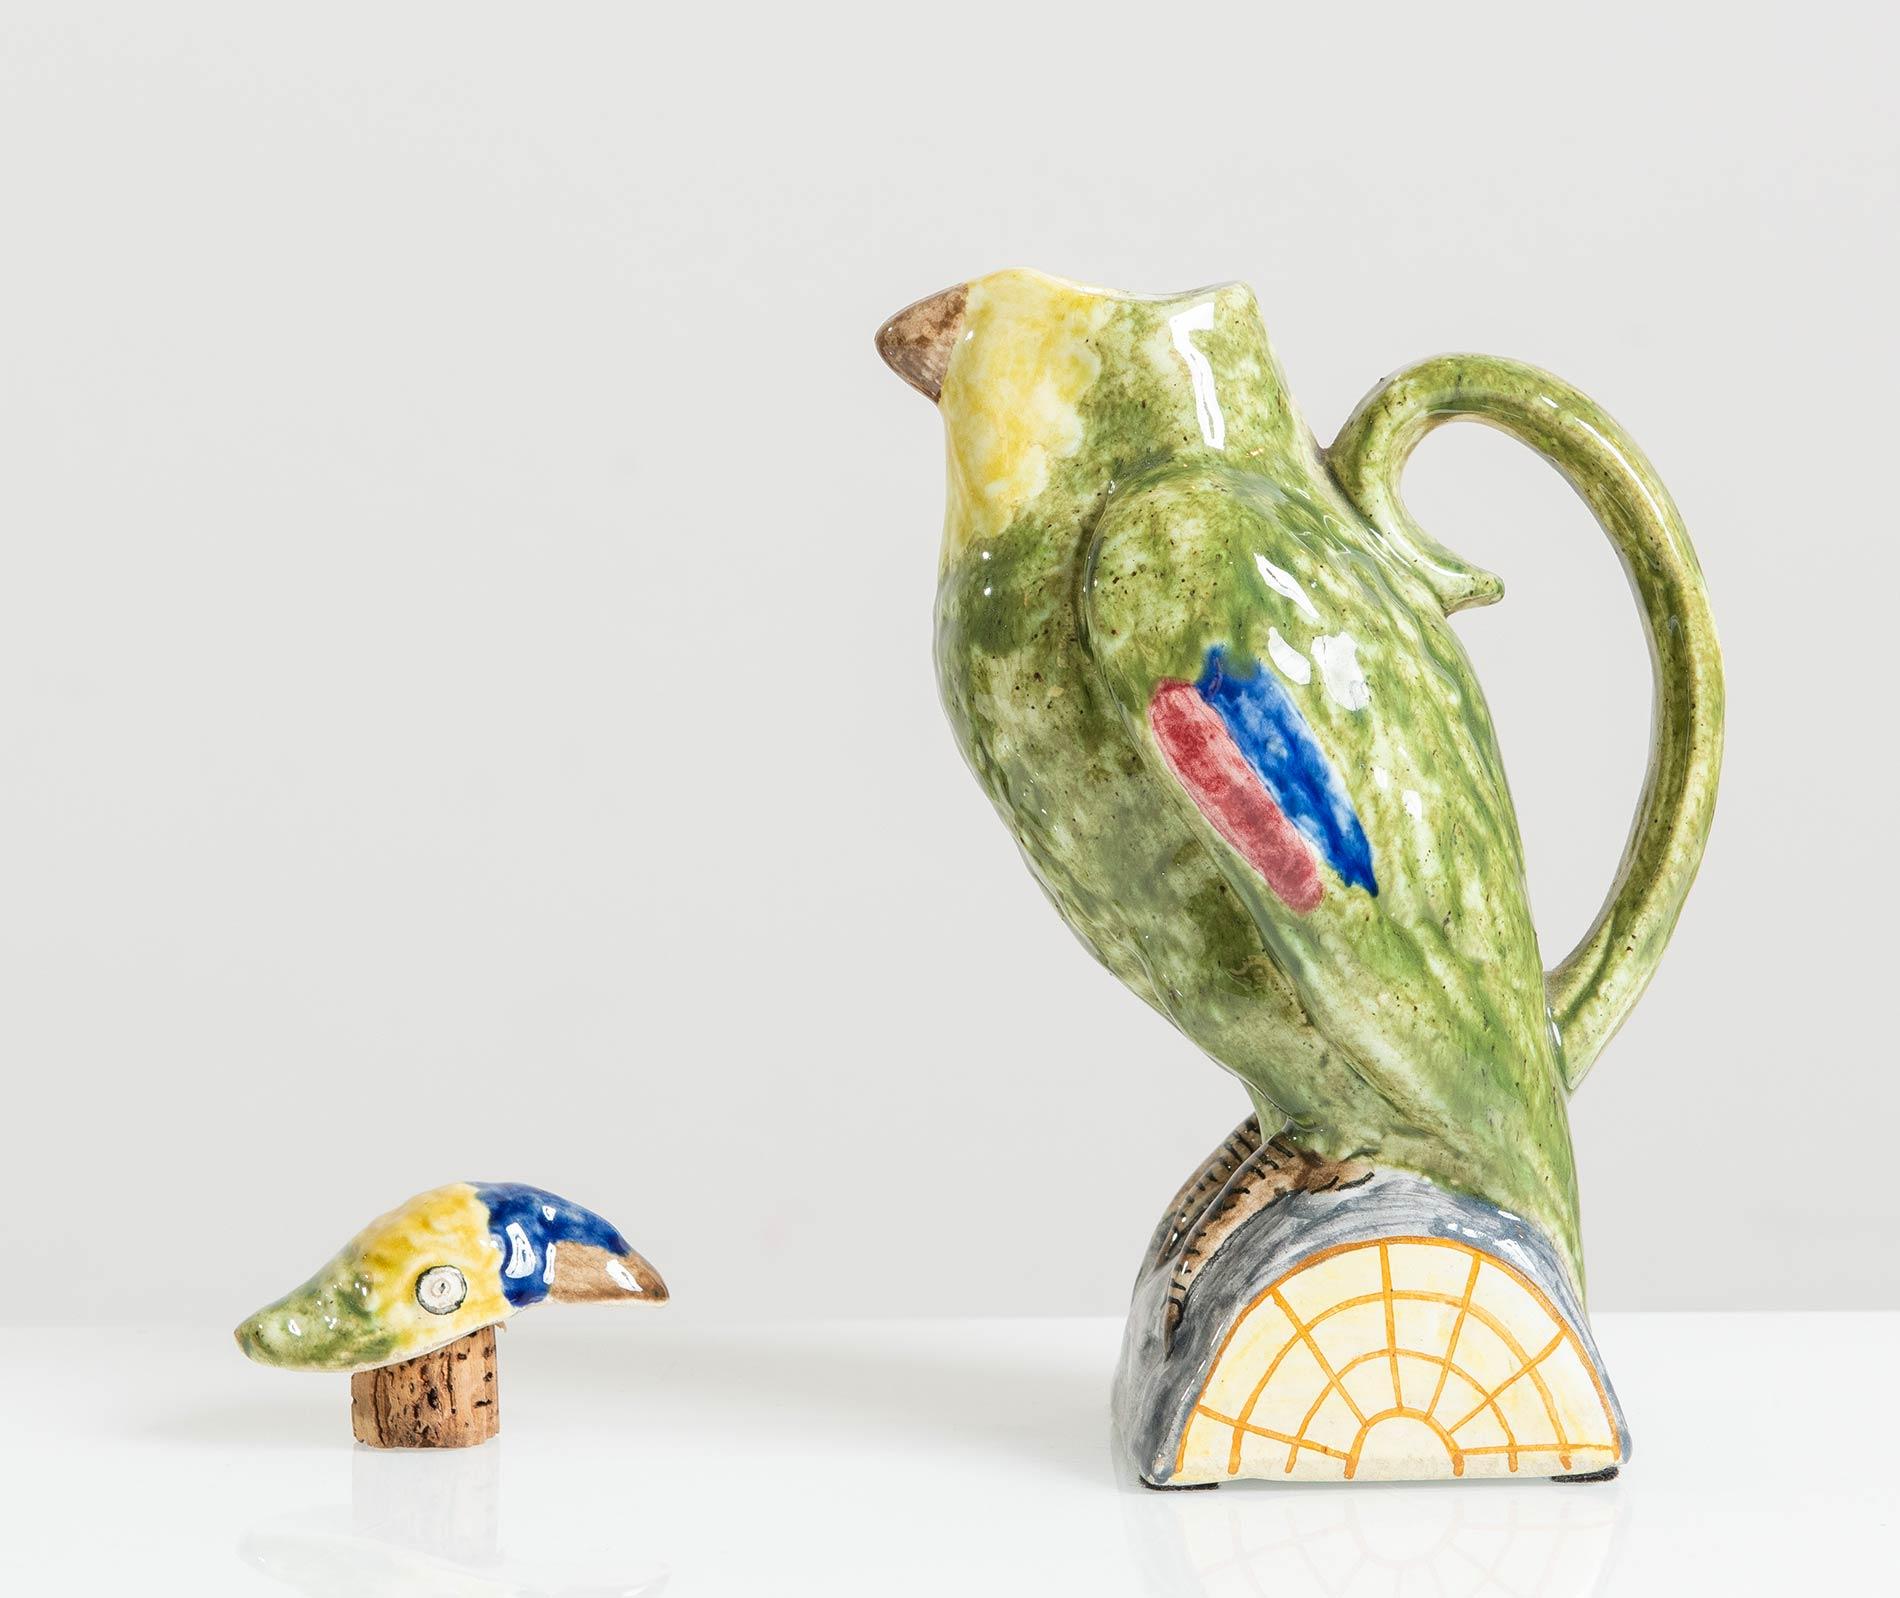 Manifattura Minghetti - Bologna, Versatoio a foggia di pappagallo in ceramica, Anni '30. - Image 3 of 5